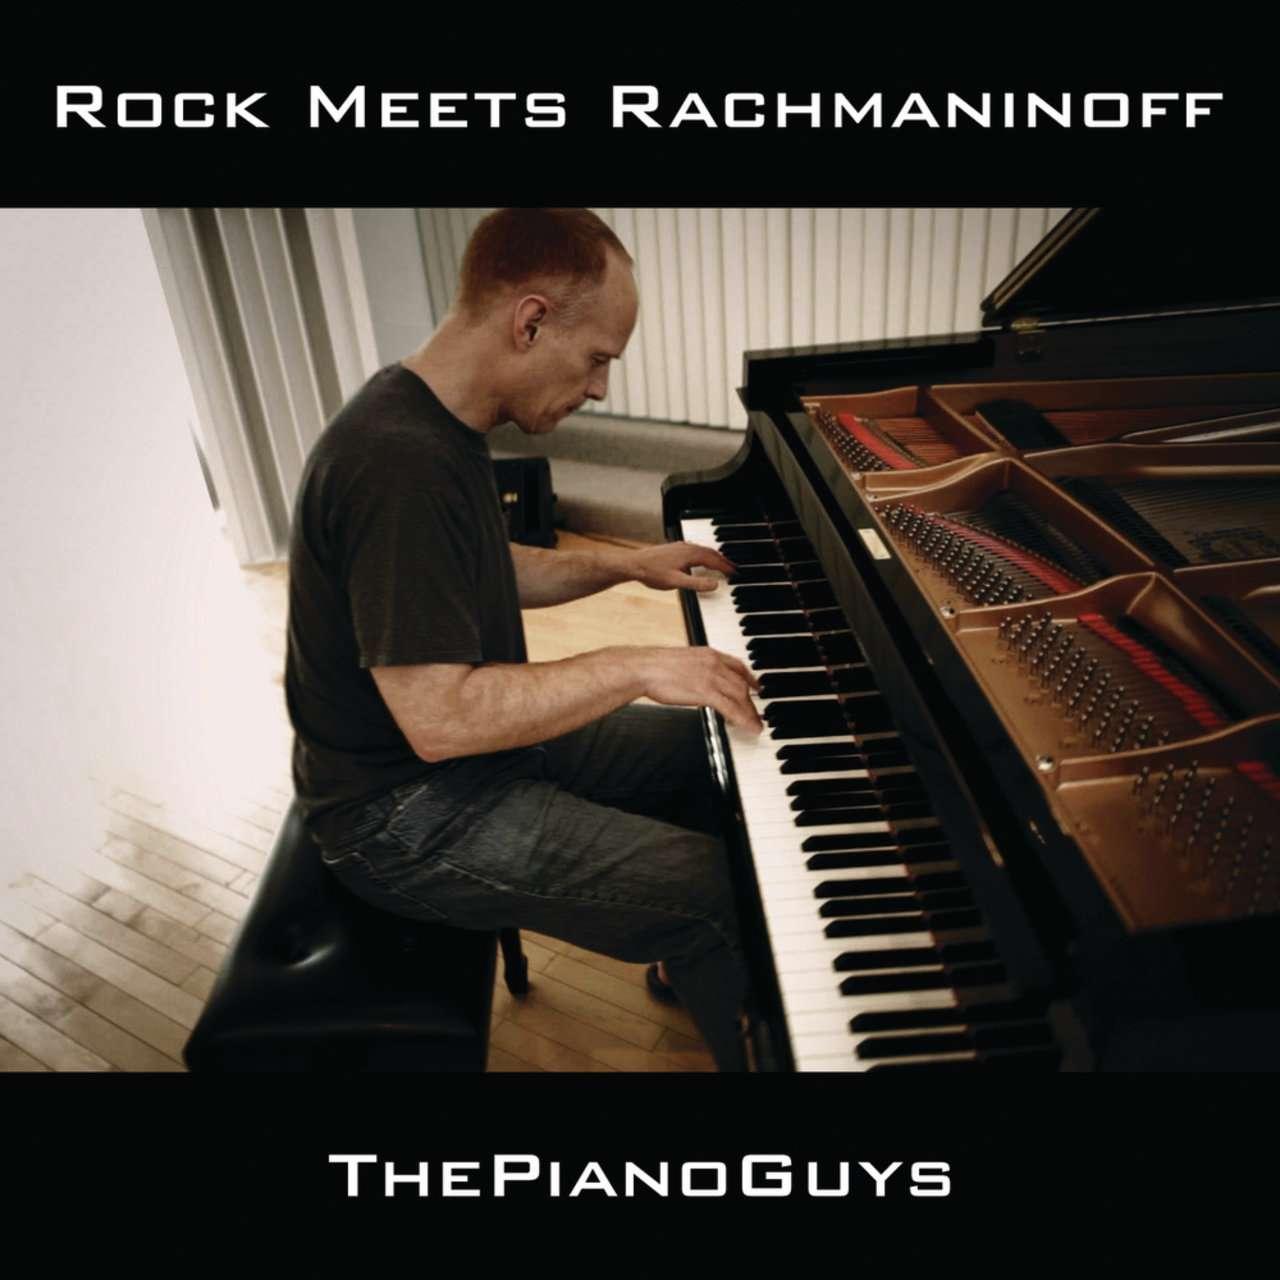 The Piano Guys《Rock Meets Rachmaninoff (After S. Rachmaninoff's Prelude in C-Sharp Minor, Op. 3)》[CD级无损/44.1kHz/16bit]